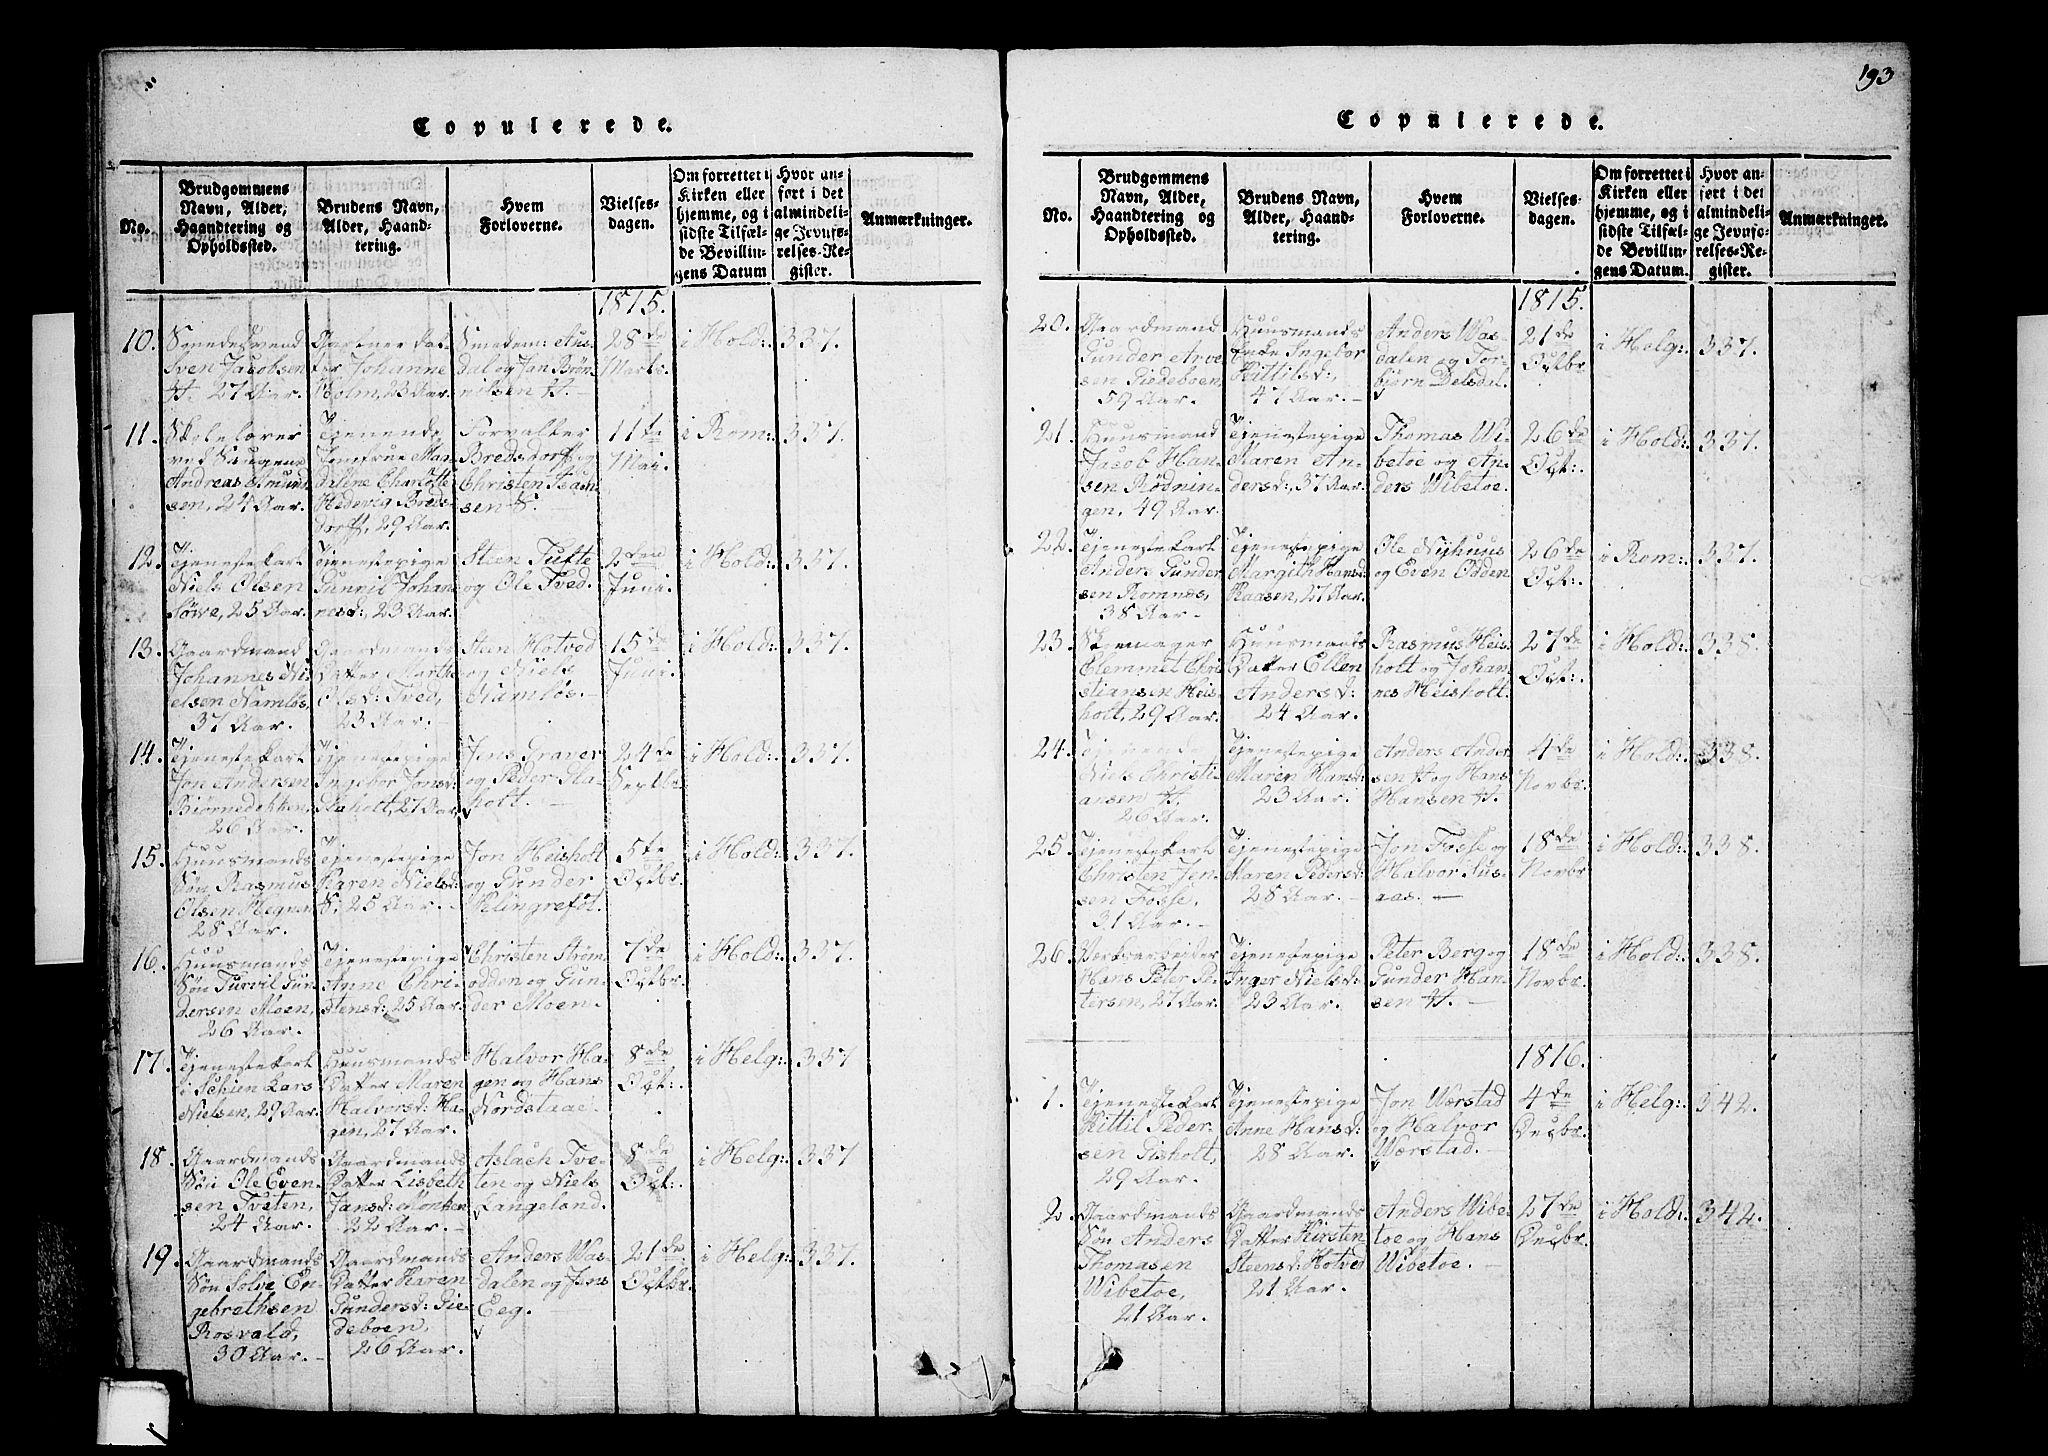 SAKO, Holla kirkebøker, G/Ga/L0001: Klokkerbok nr. I 1, 1814-1830, s. 193